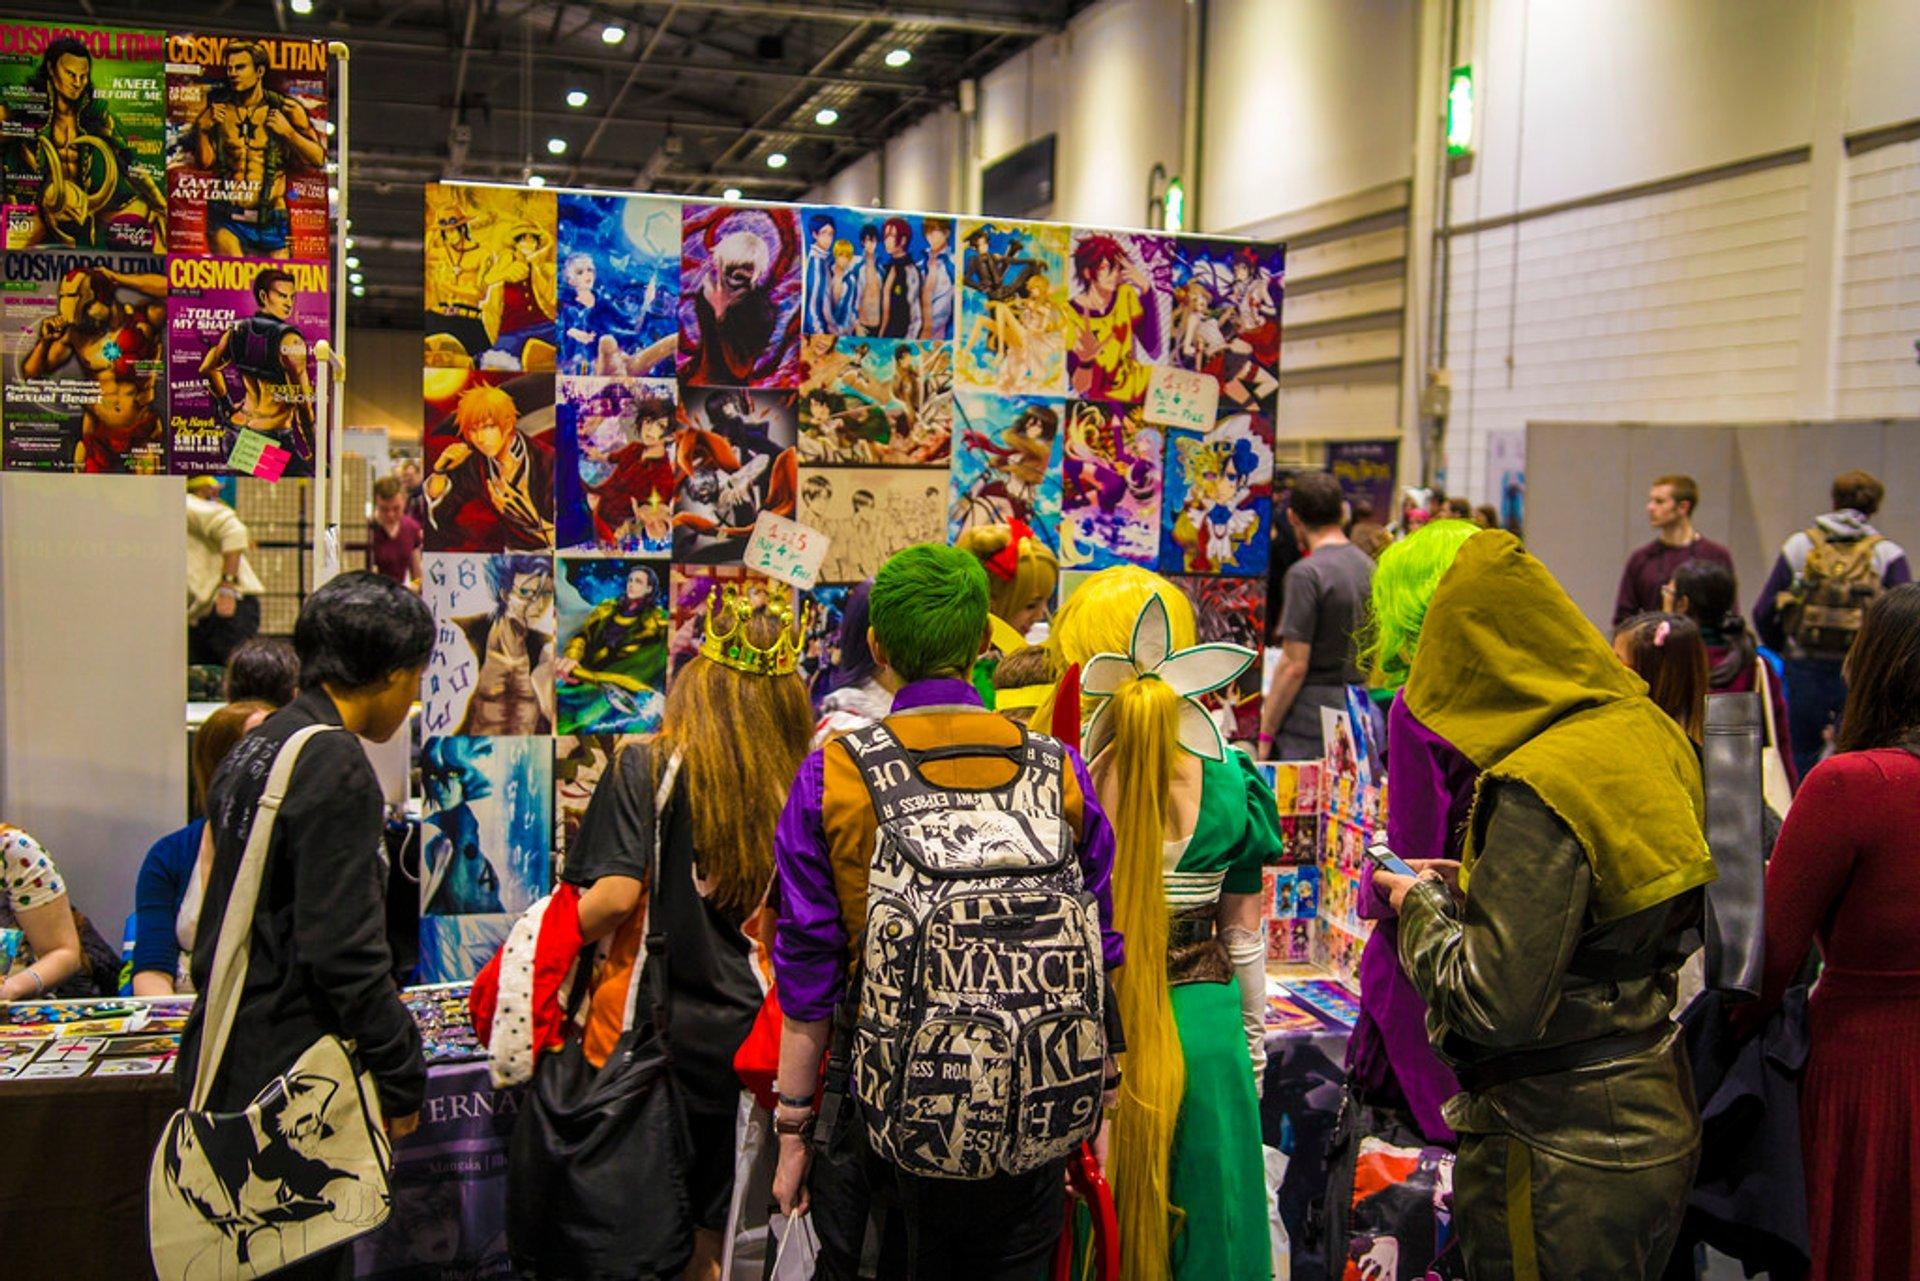 MCM London Comic Con in London - Best Season 2020